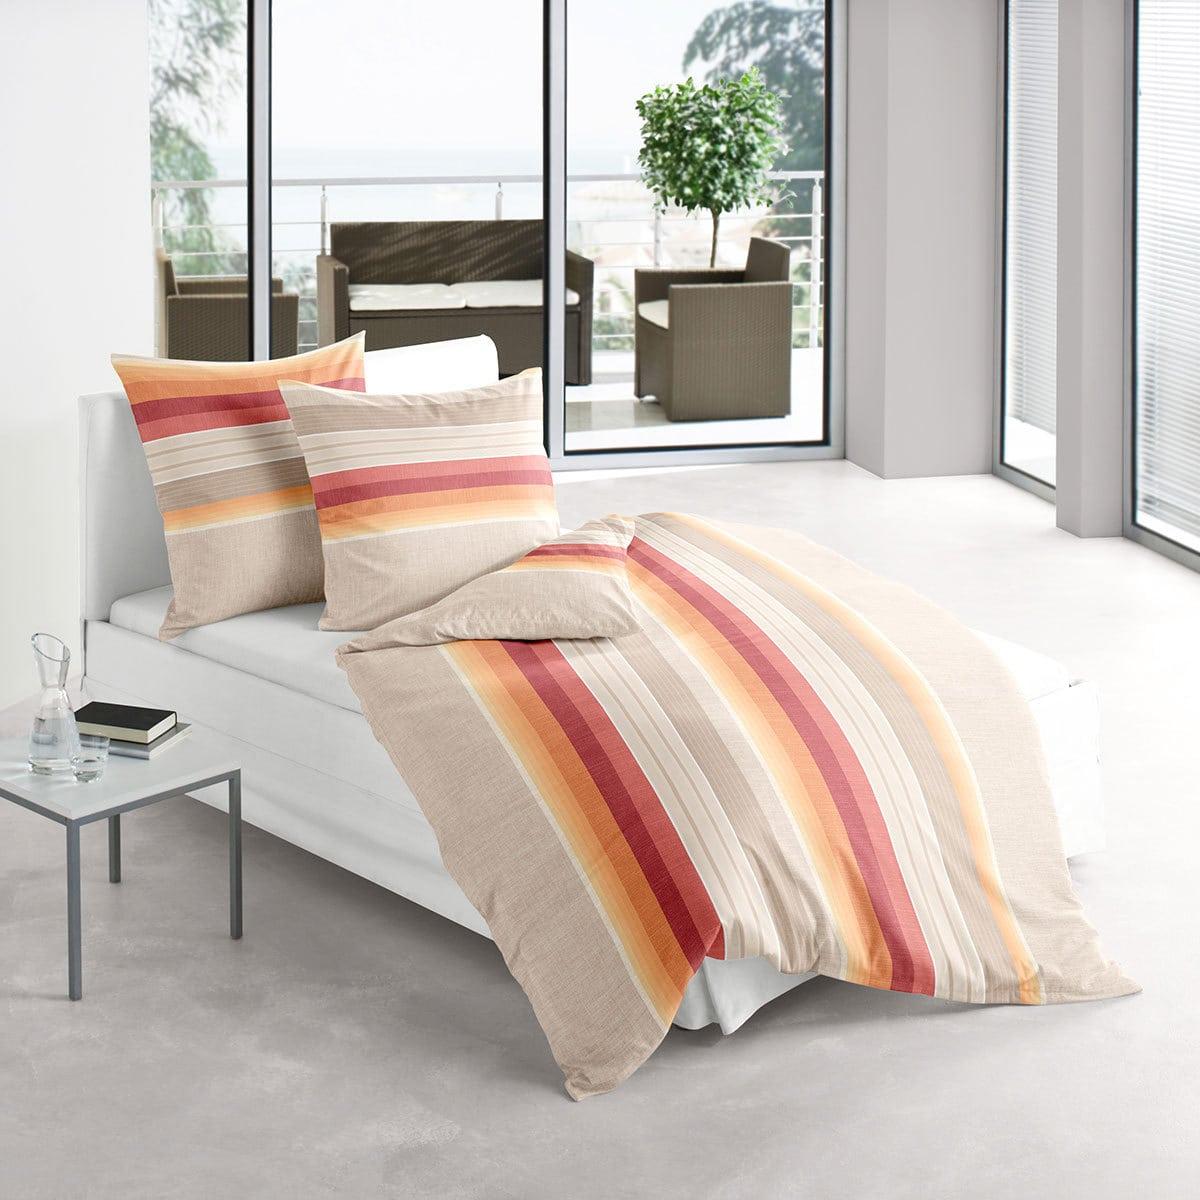 irisette biber bettw sche davos 8632 50 g nstig online kaufen bei bettwaren shop. Black Bedroom Furniture Sets. Home Design Ideas